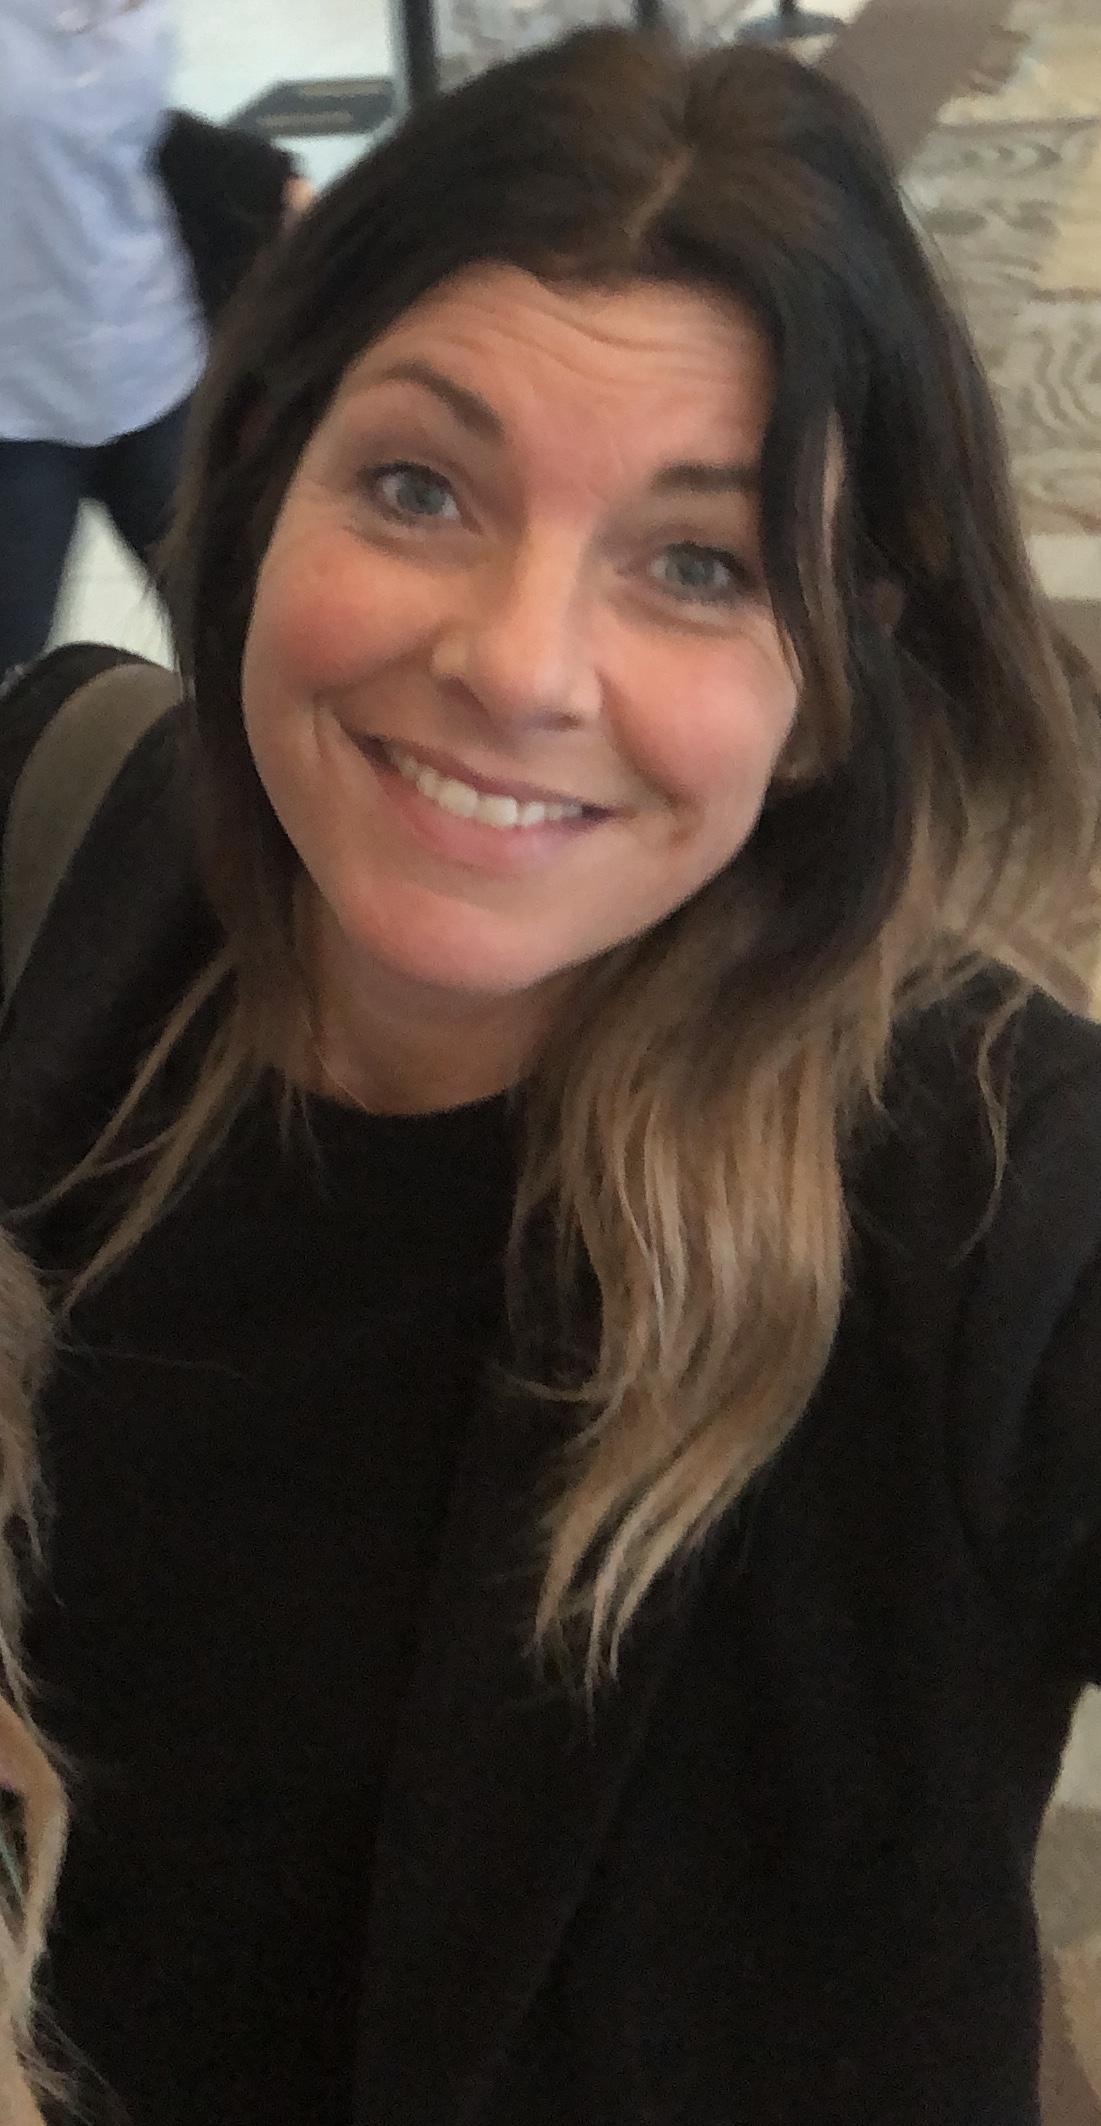 Jessica - Kapper bij Haarzaken Sint Maartensdijk